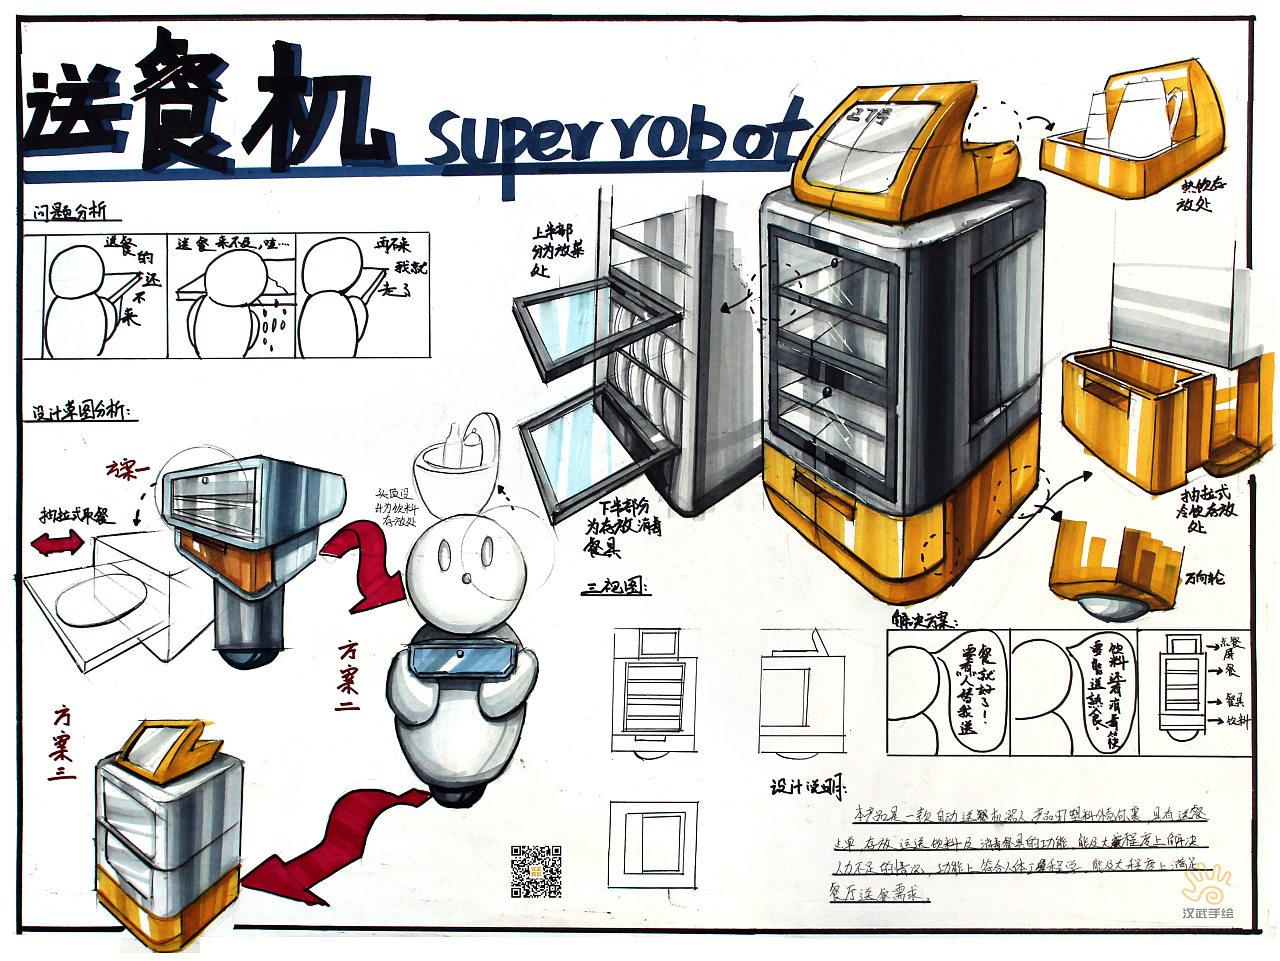 2017工业设计产品手绘考研快题优秀模版|工业/产品|电子产品|中国 ...